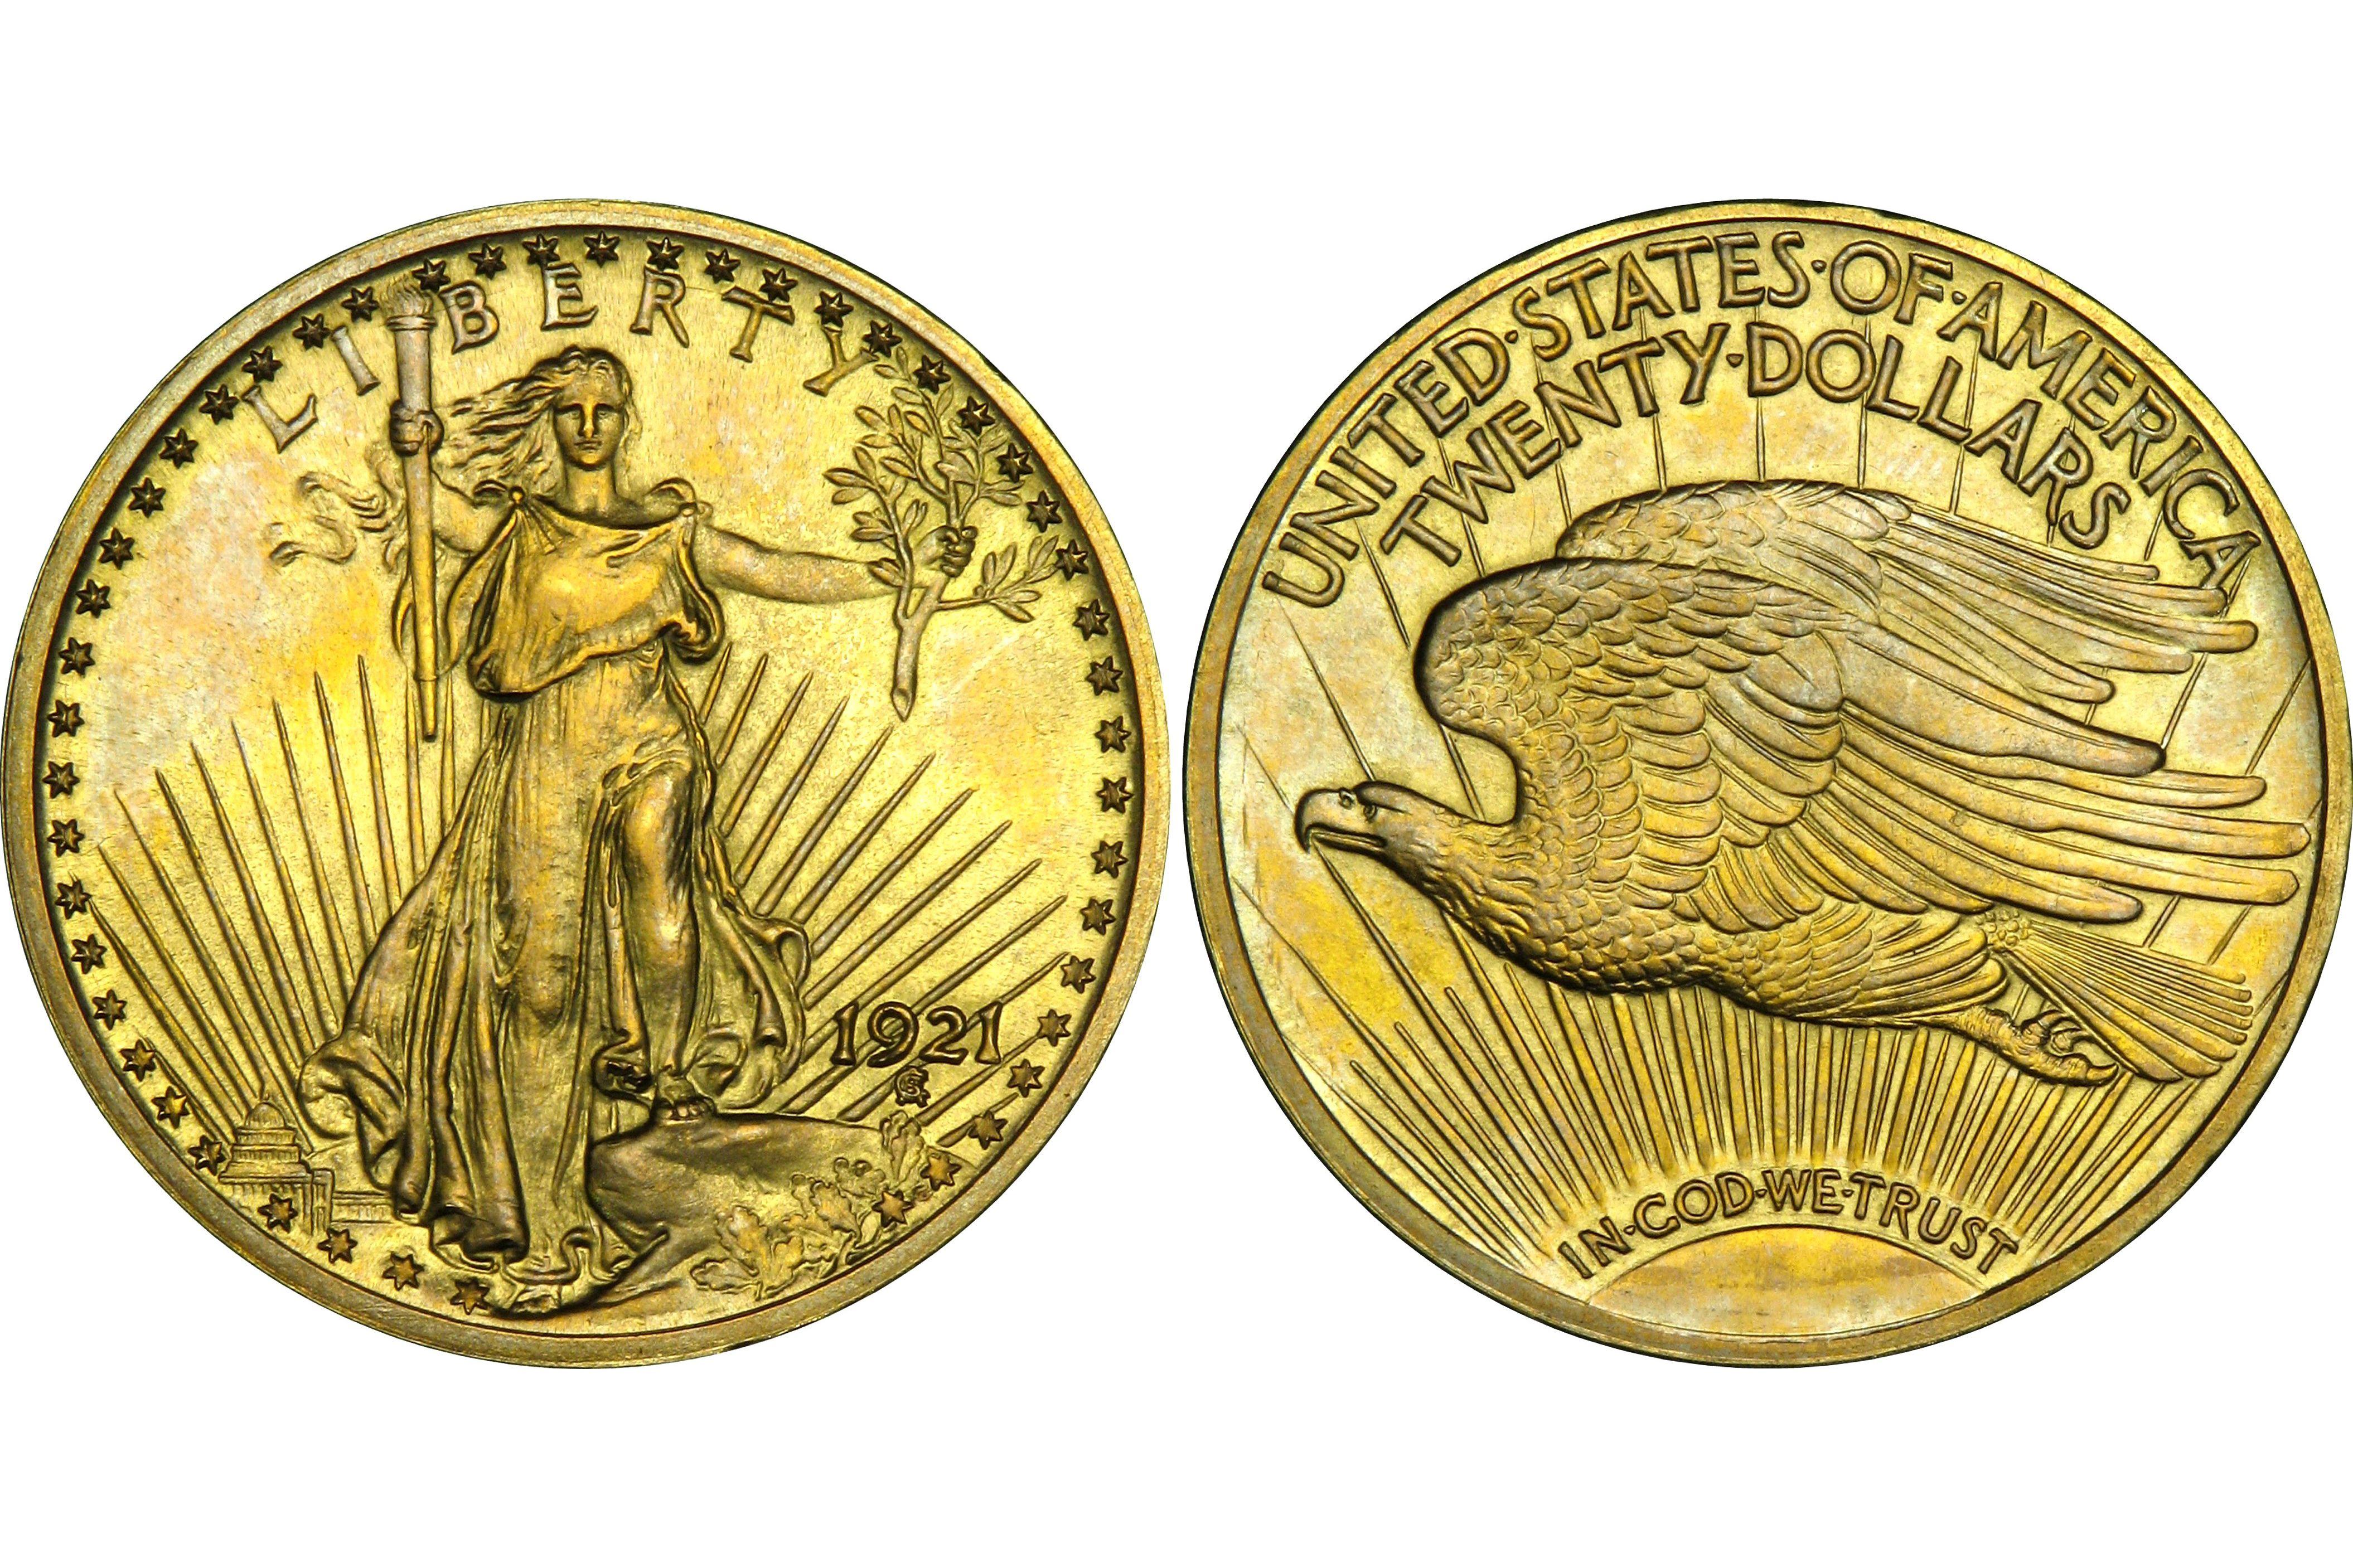 1921 Roman Proof Saint-Gaudens $20 Gold Double Eagle